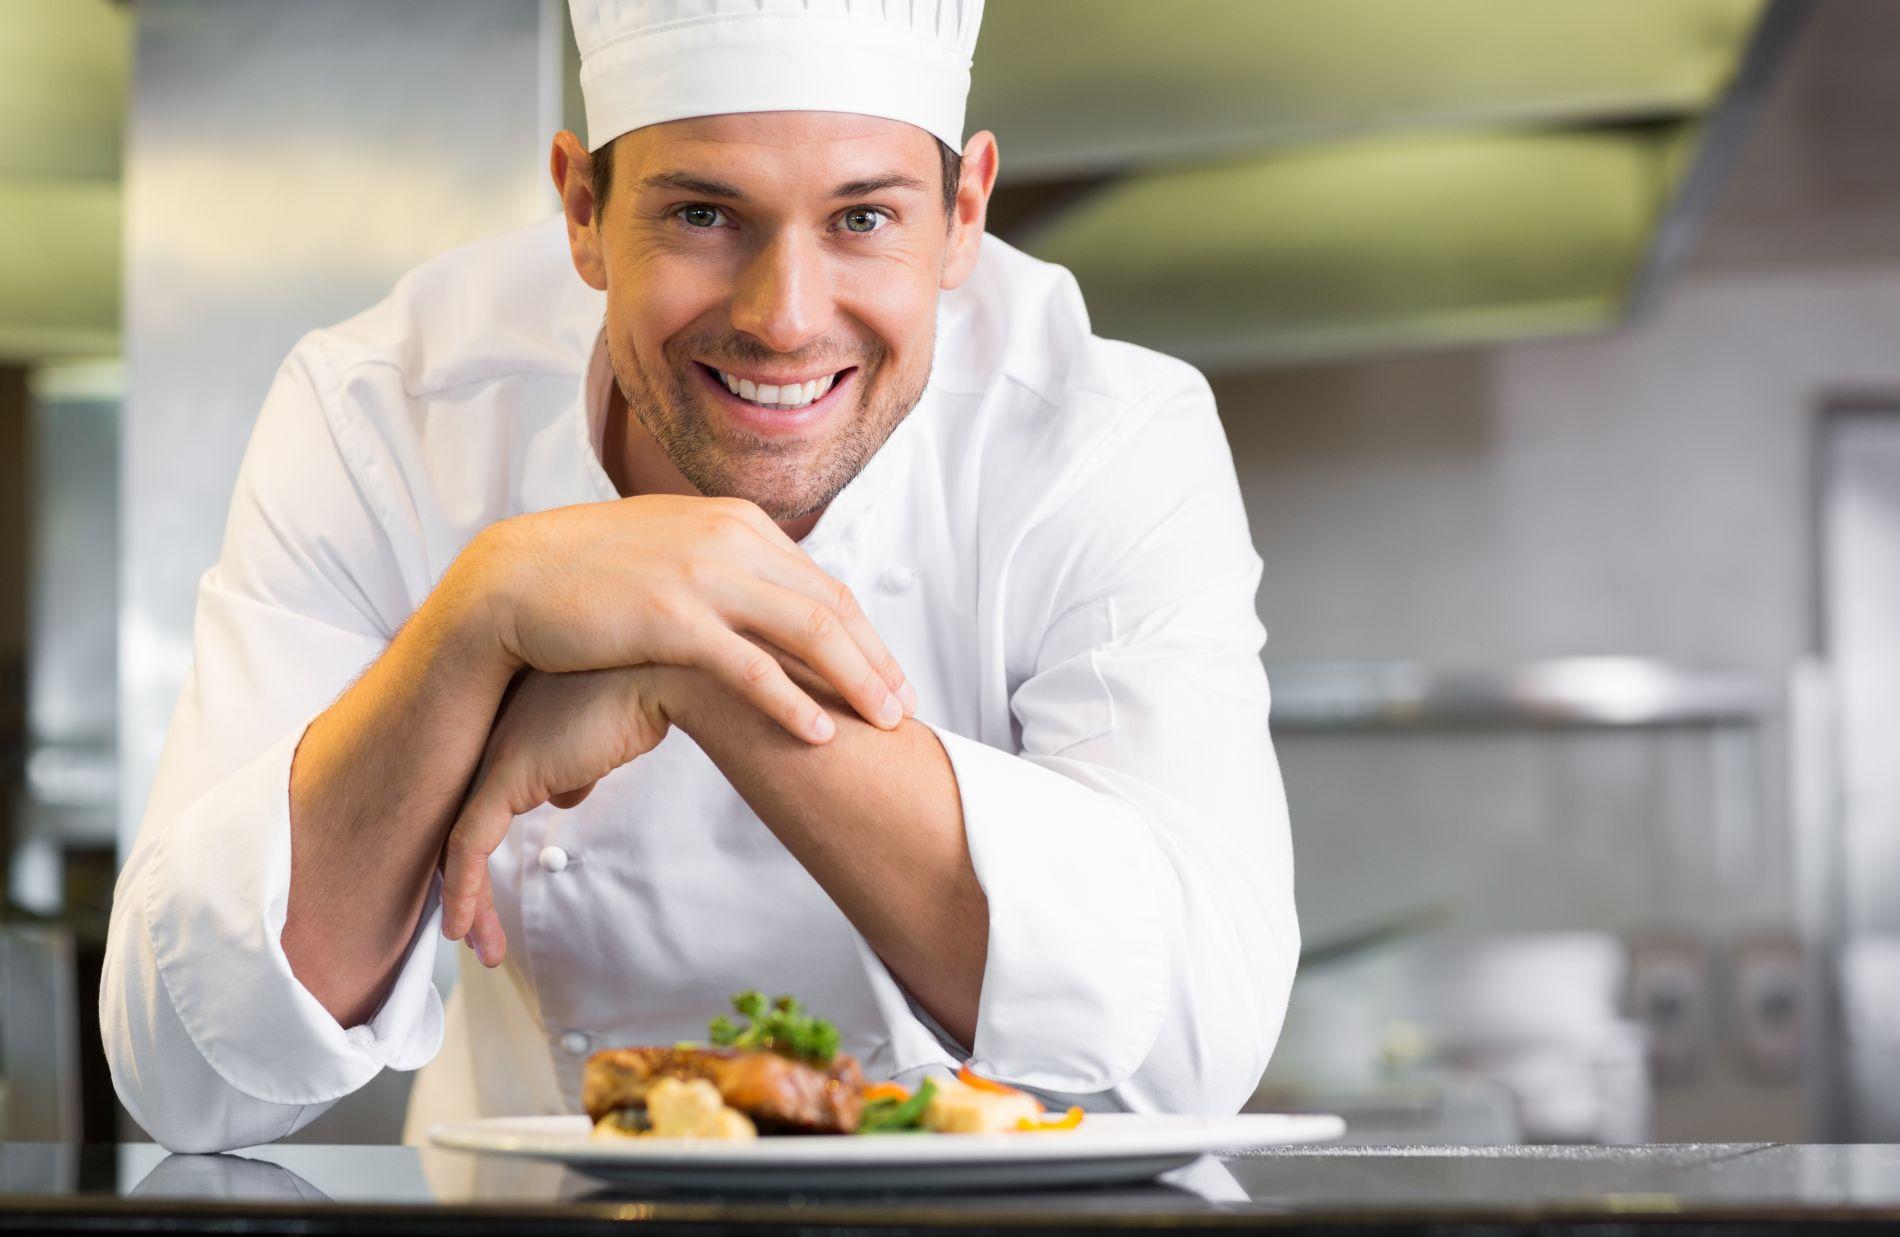 Мужчина должен уметь не только колоть дрова да зарабатывать деньги, но и вкусно готовить